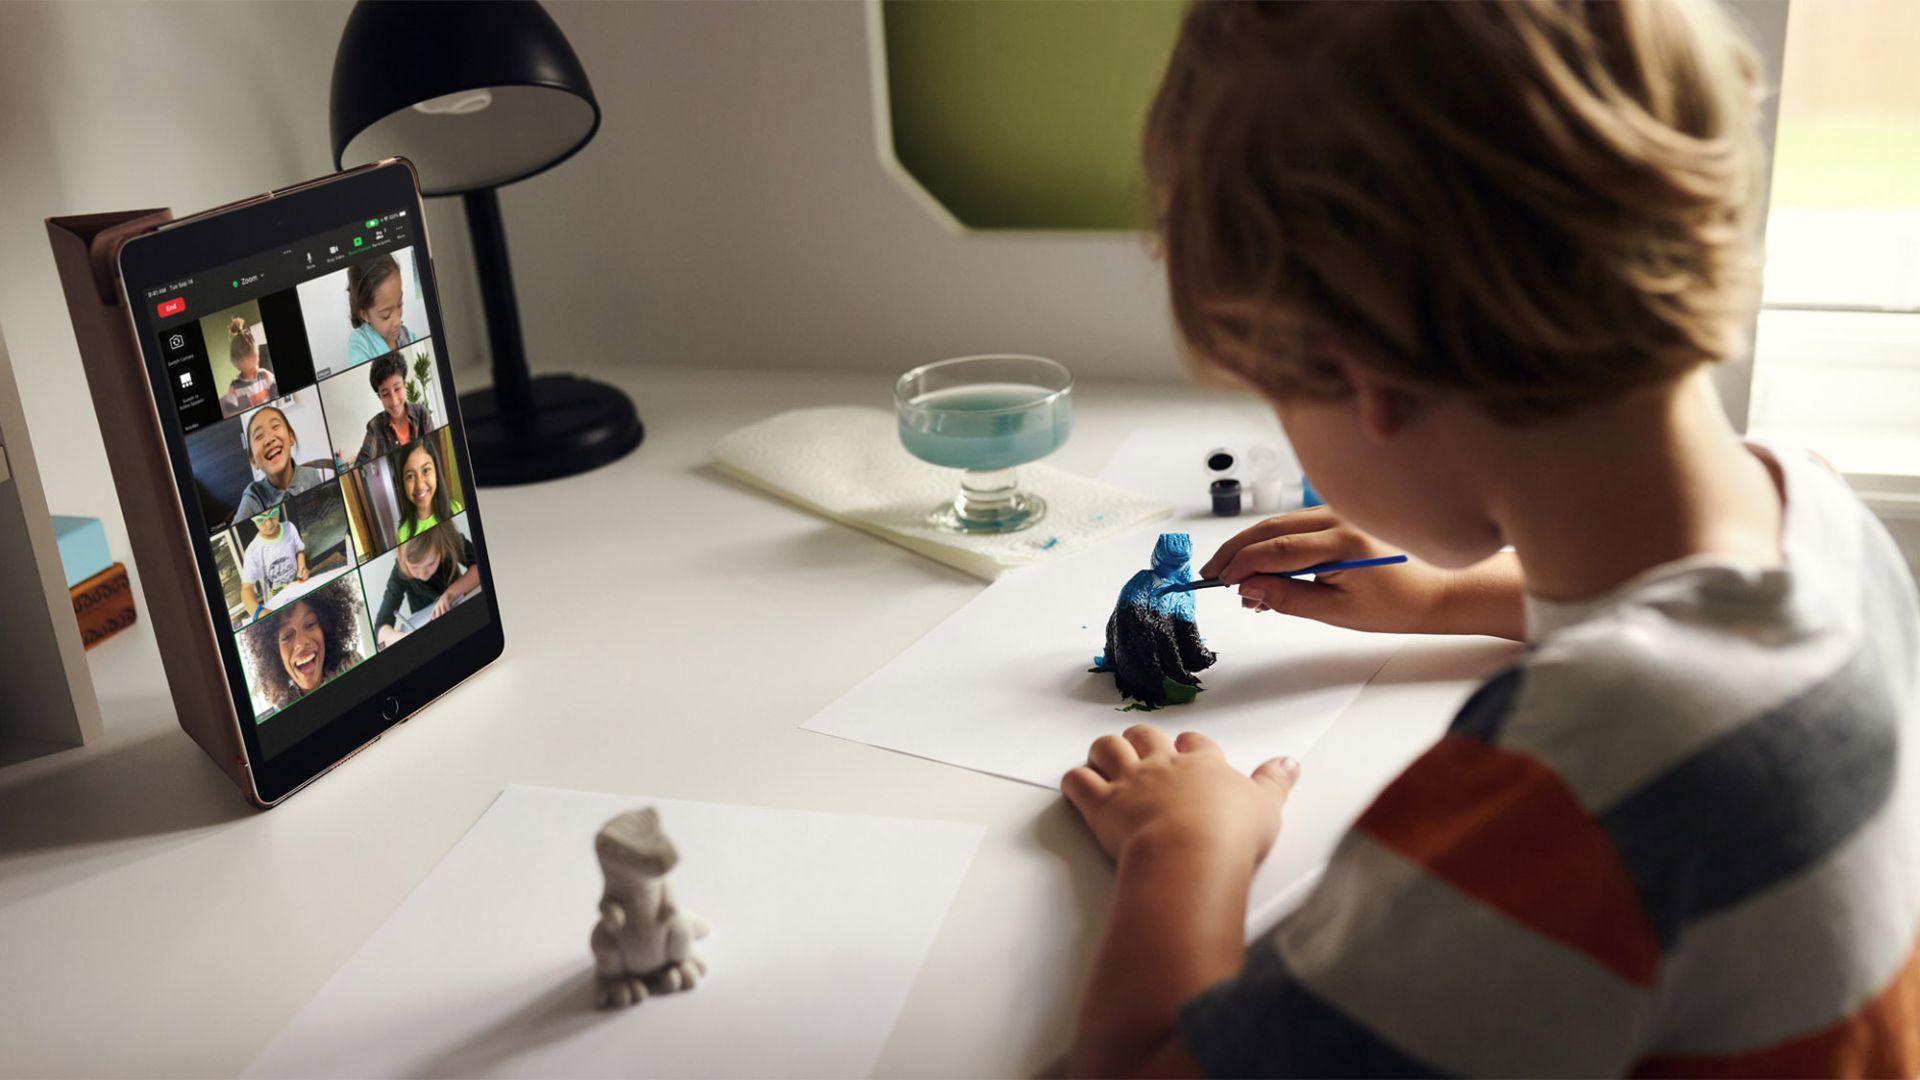 Новият iPad е идеален за дистанционно обучение